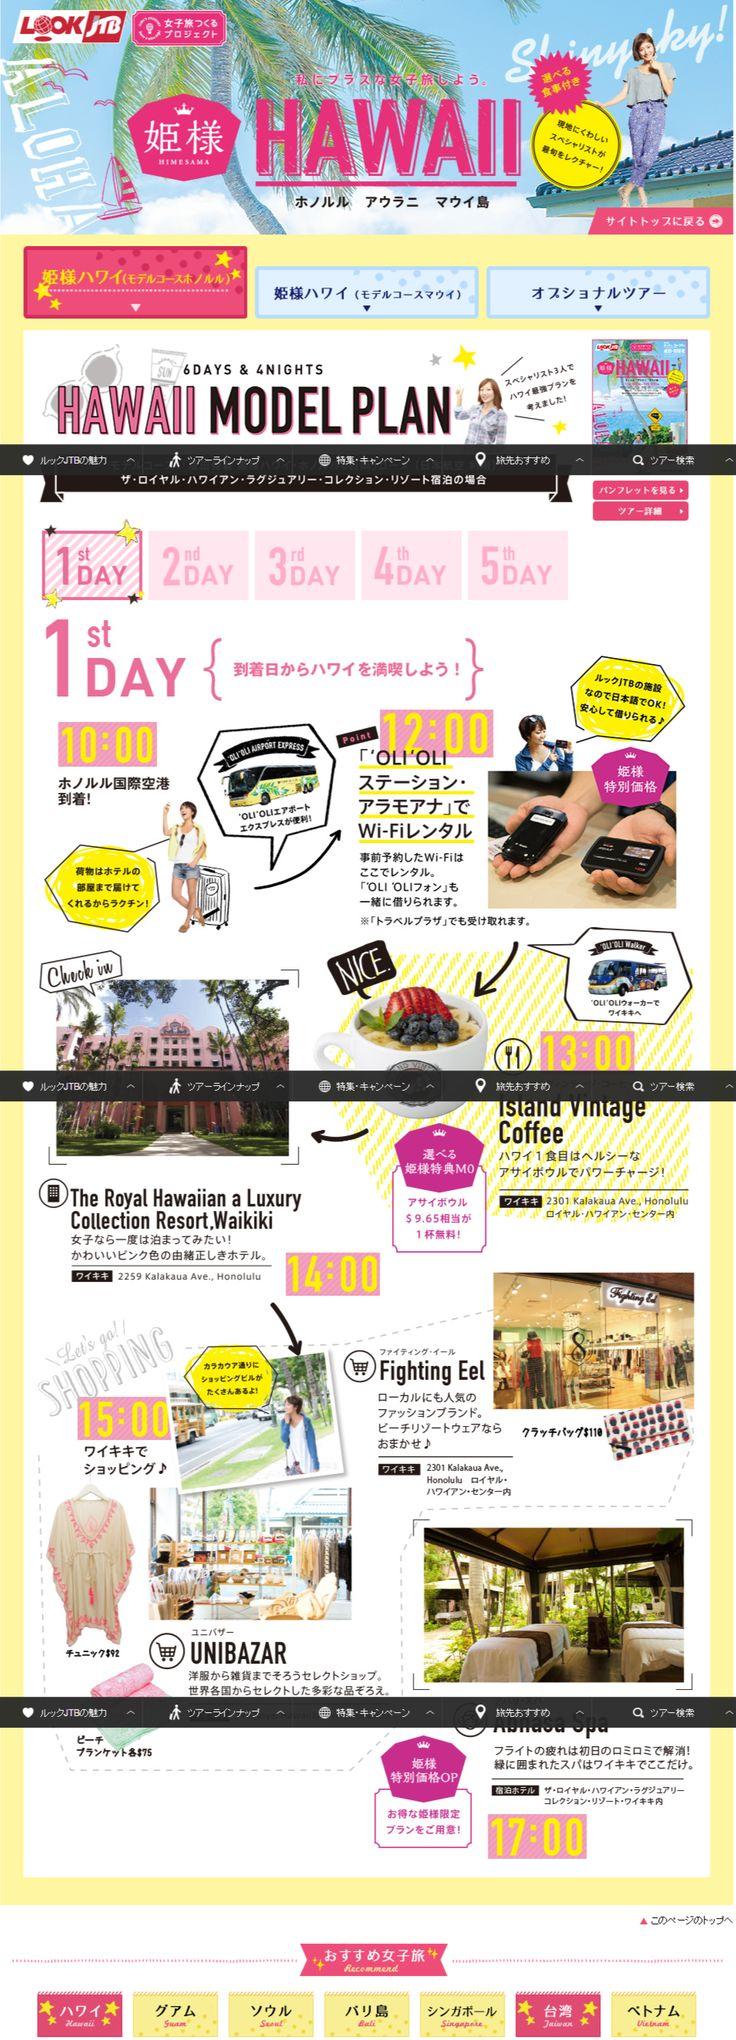 JTB 女子旅つくるプロジェクト キャンペーンページ